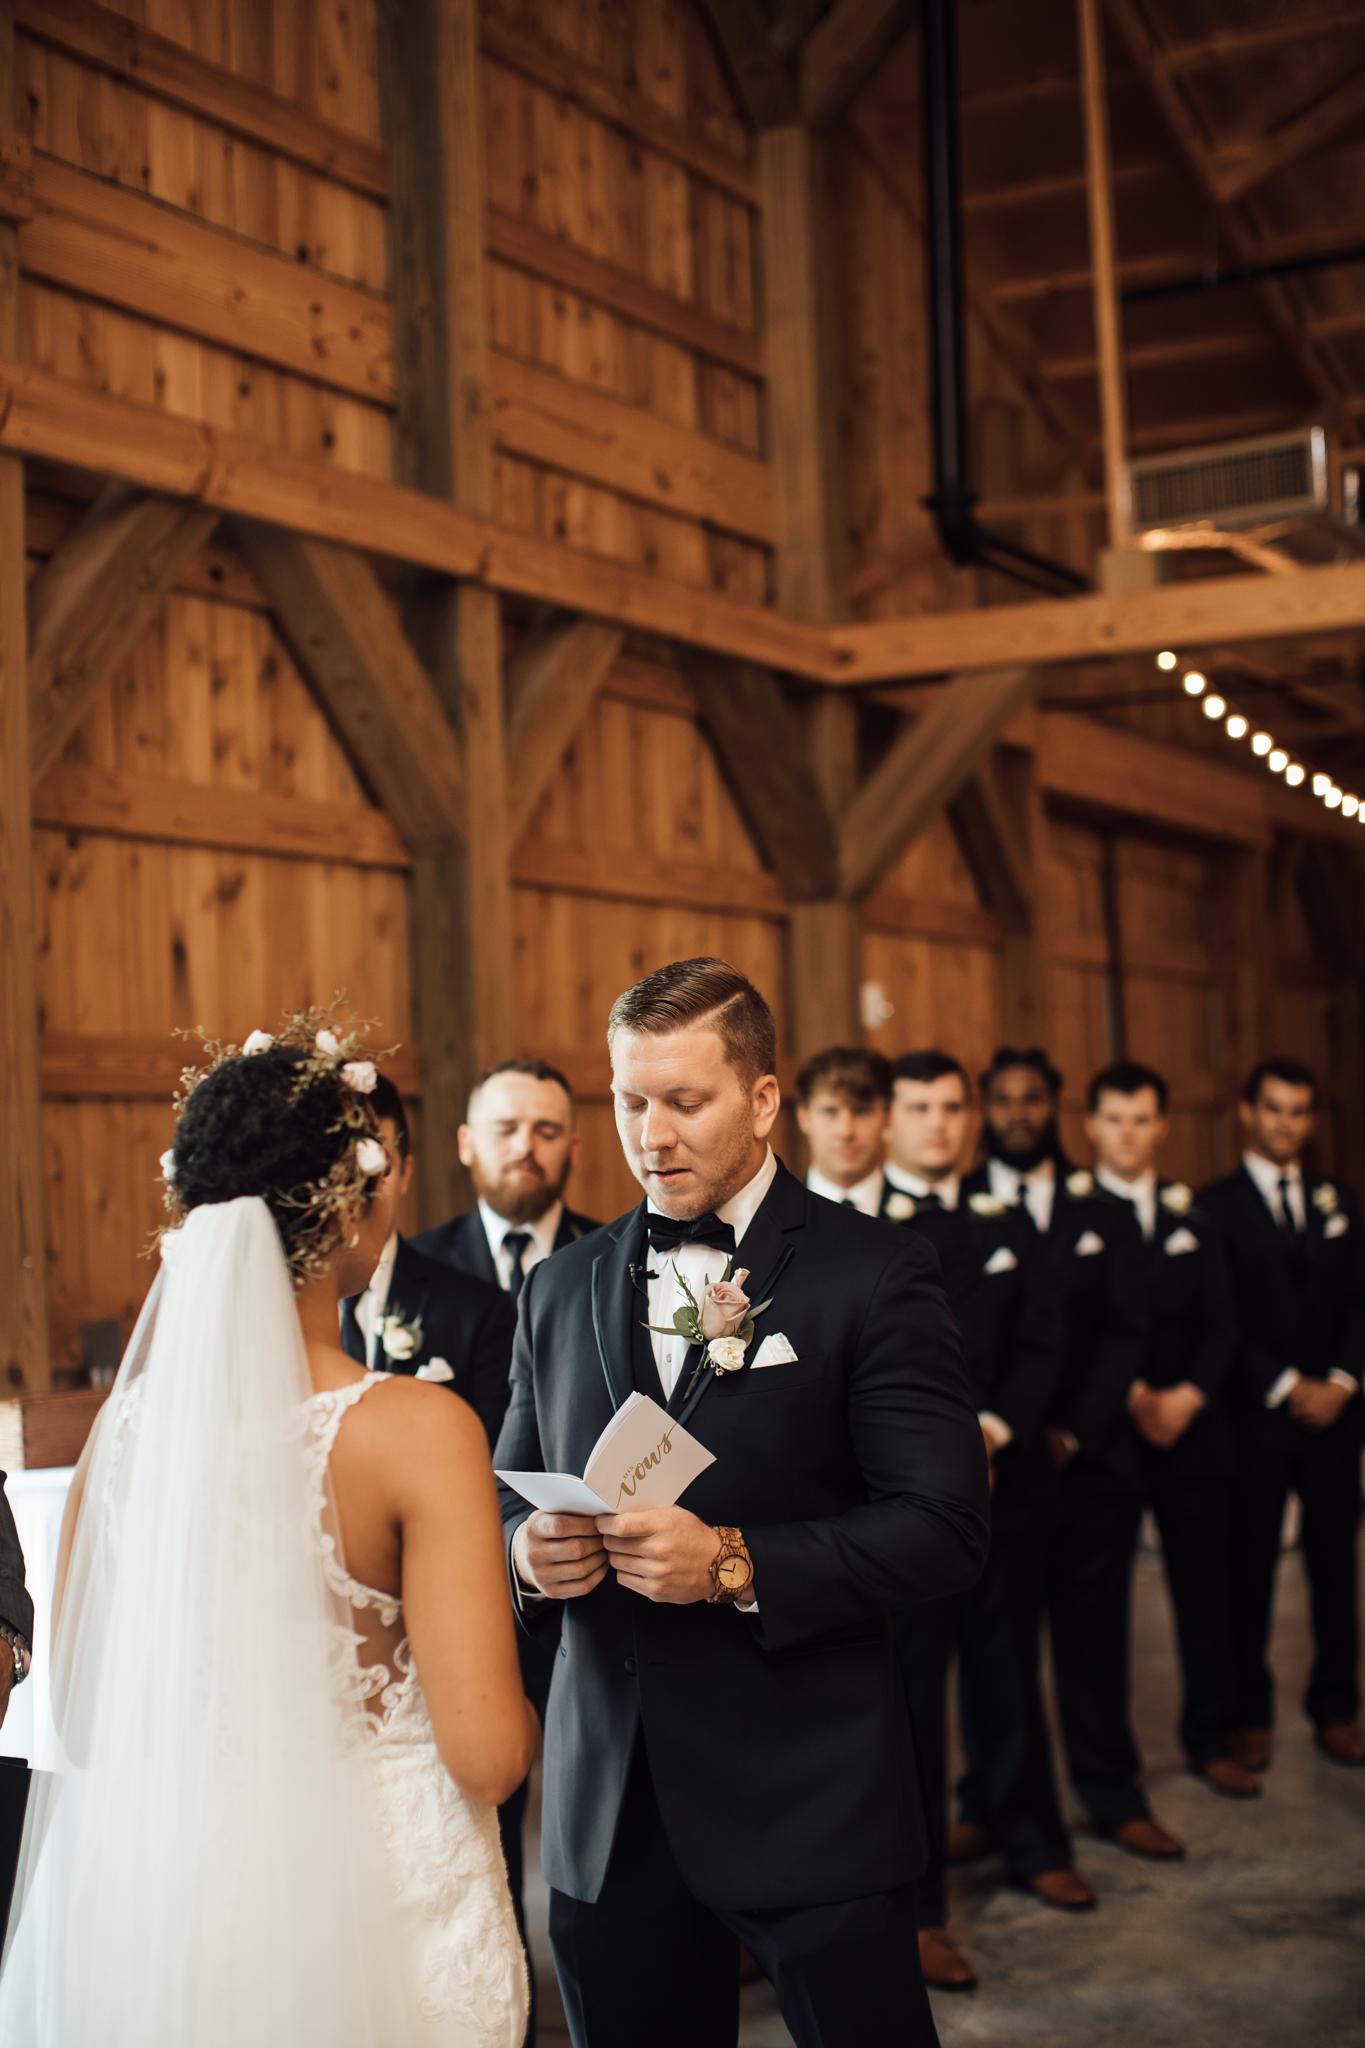 saddlewoodsfarms-nashville-wedding-photographer-thewarmtharoundyou-rustic-wedding (31 of 251).jpg